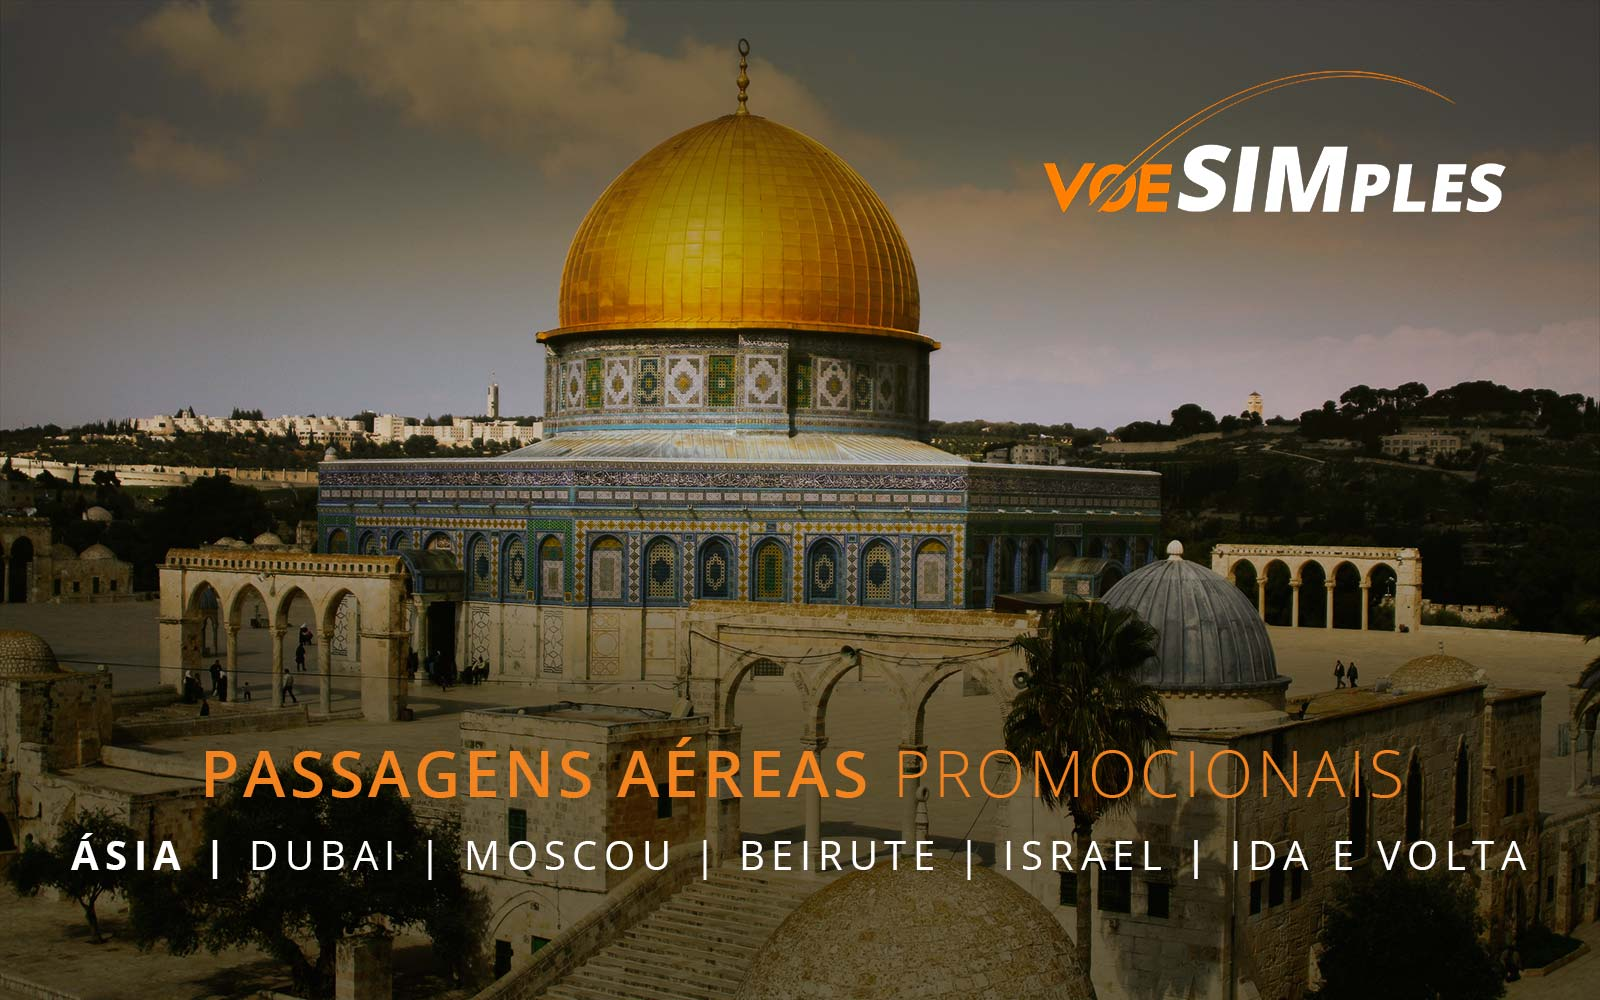 Passagens aéreas promocionais para Dubai, Moscou, Beirute e Israel